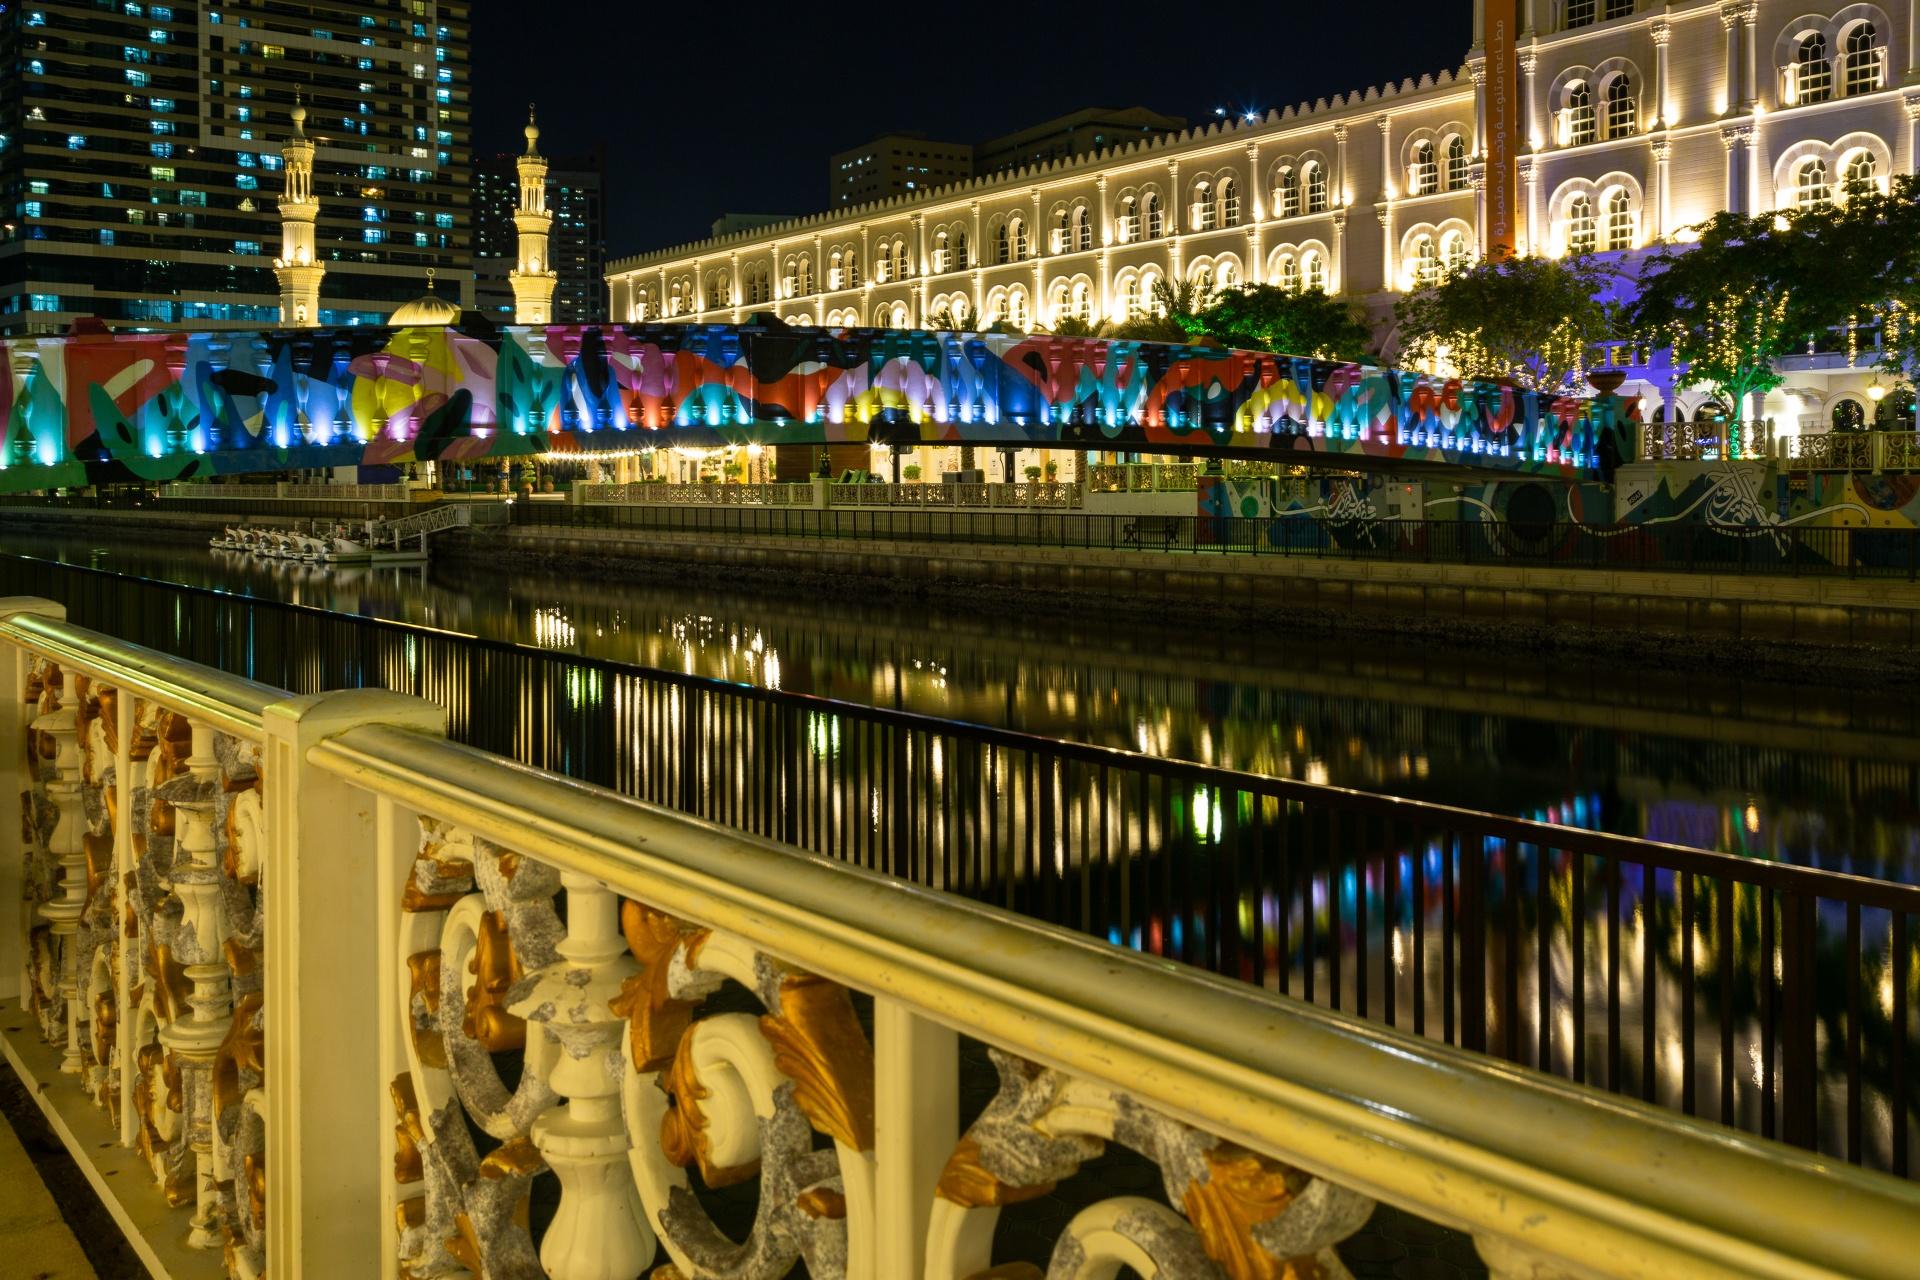 Colorful canal walkway at Al Qasbr, Sharjah